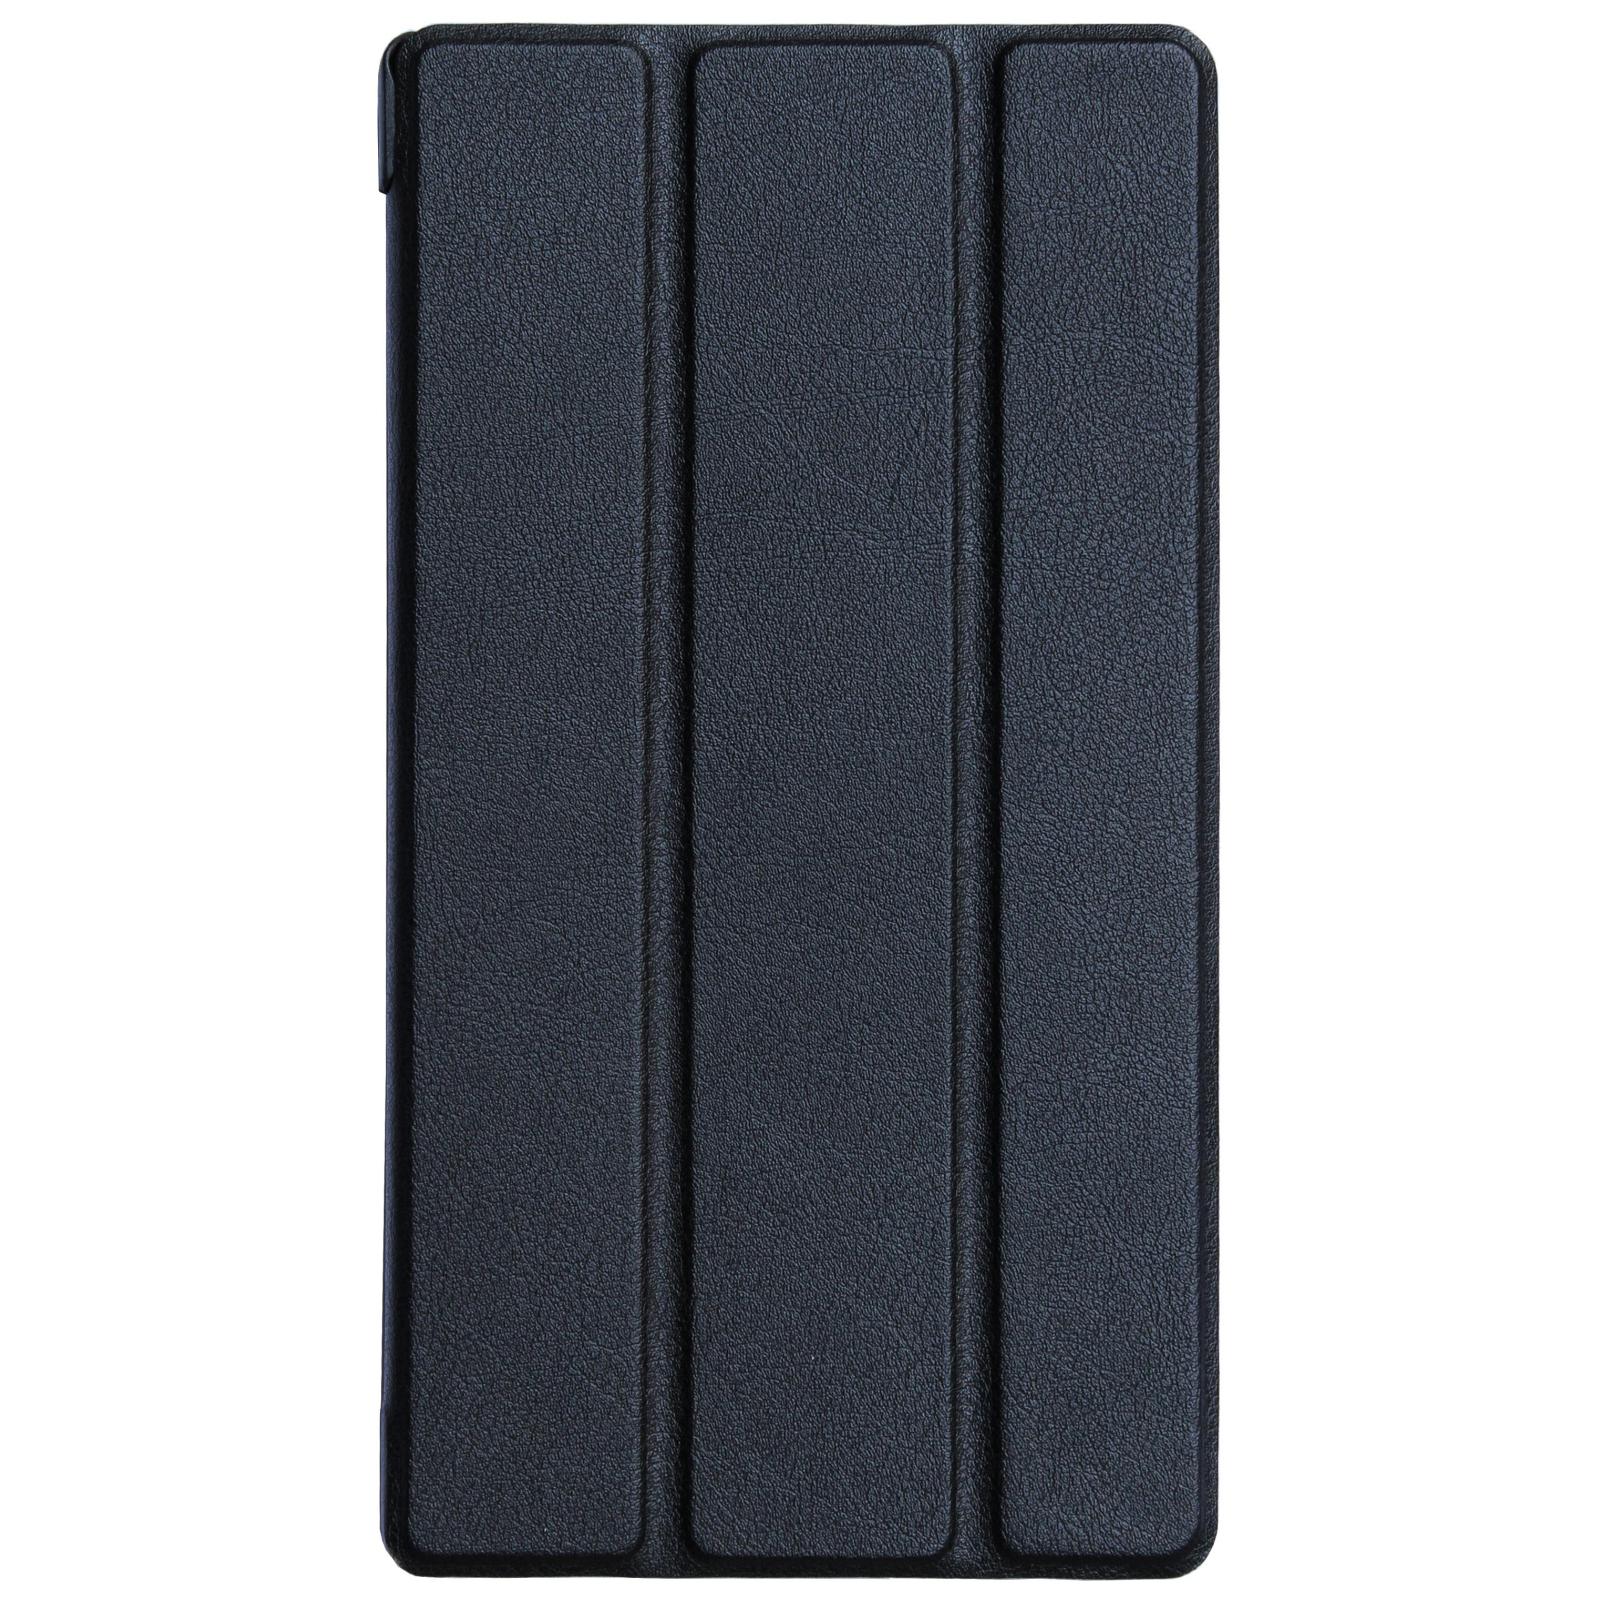 Чехол для планшета Grand-X для Lenovo TAB4 7 TB-7304x Black (LT47PBK)